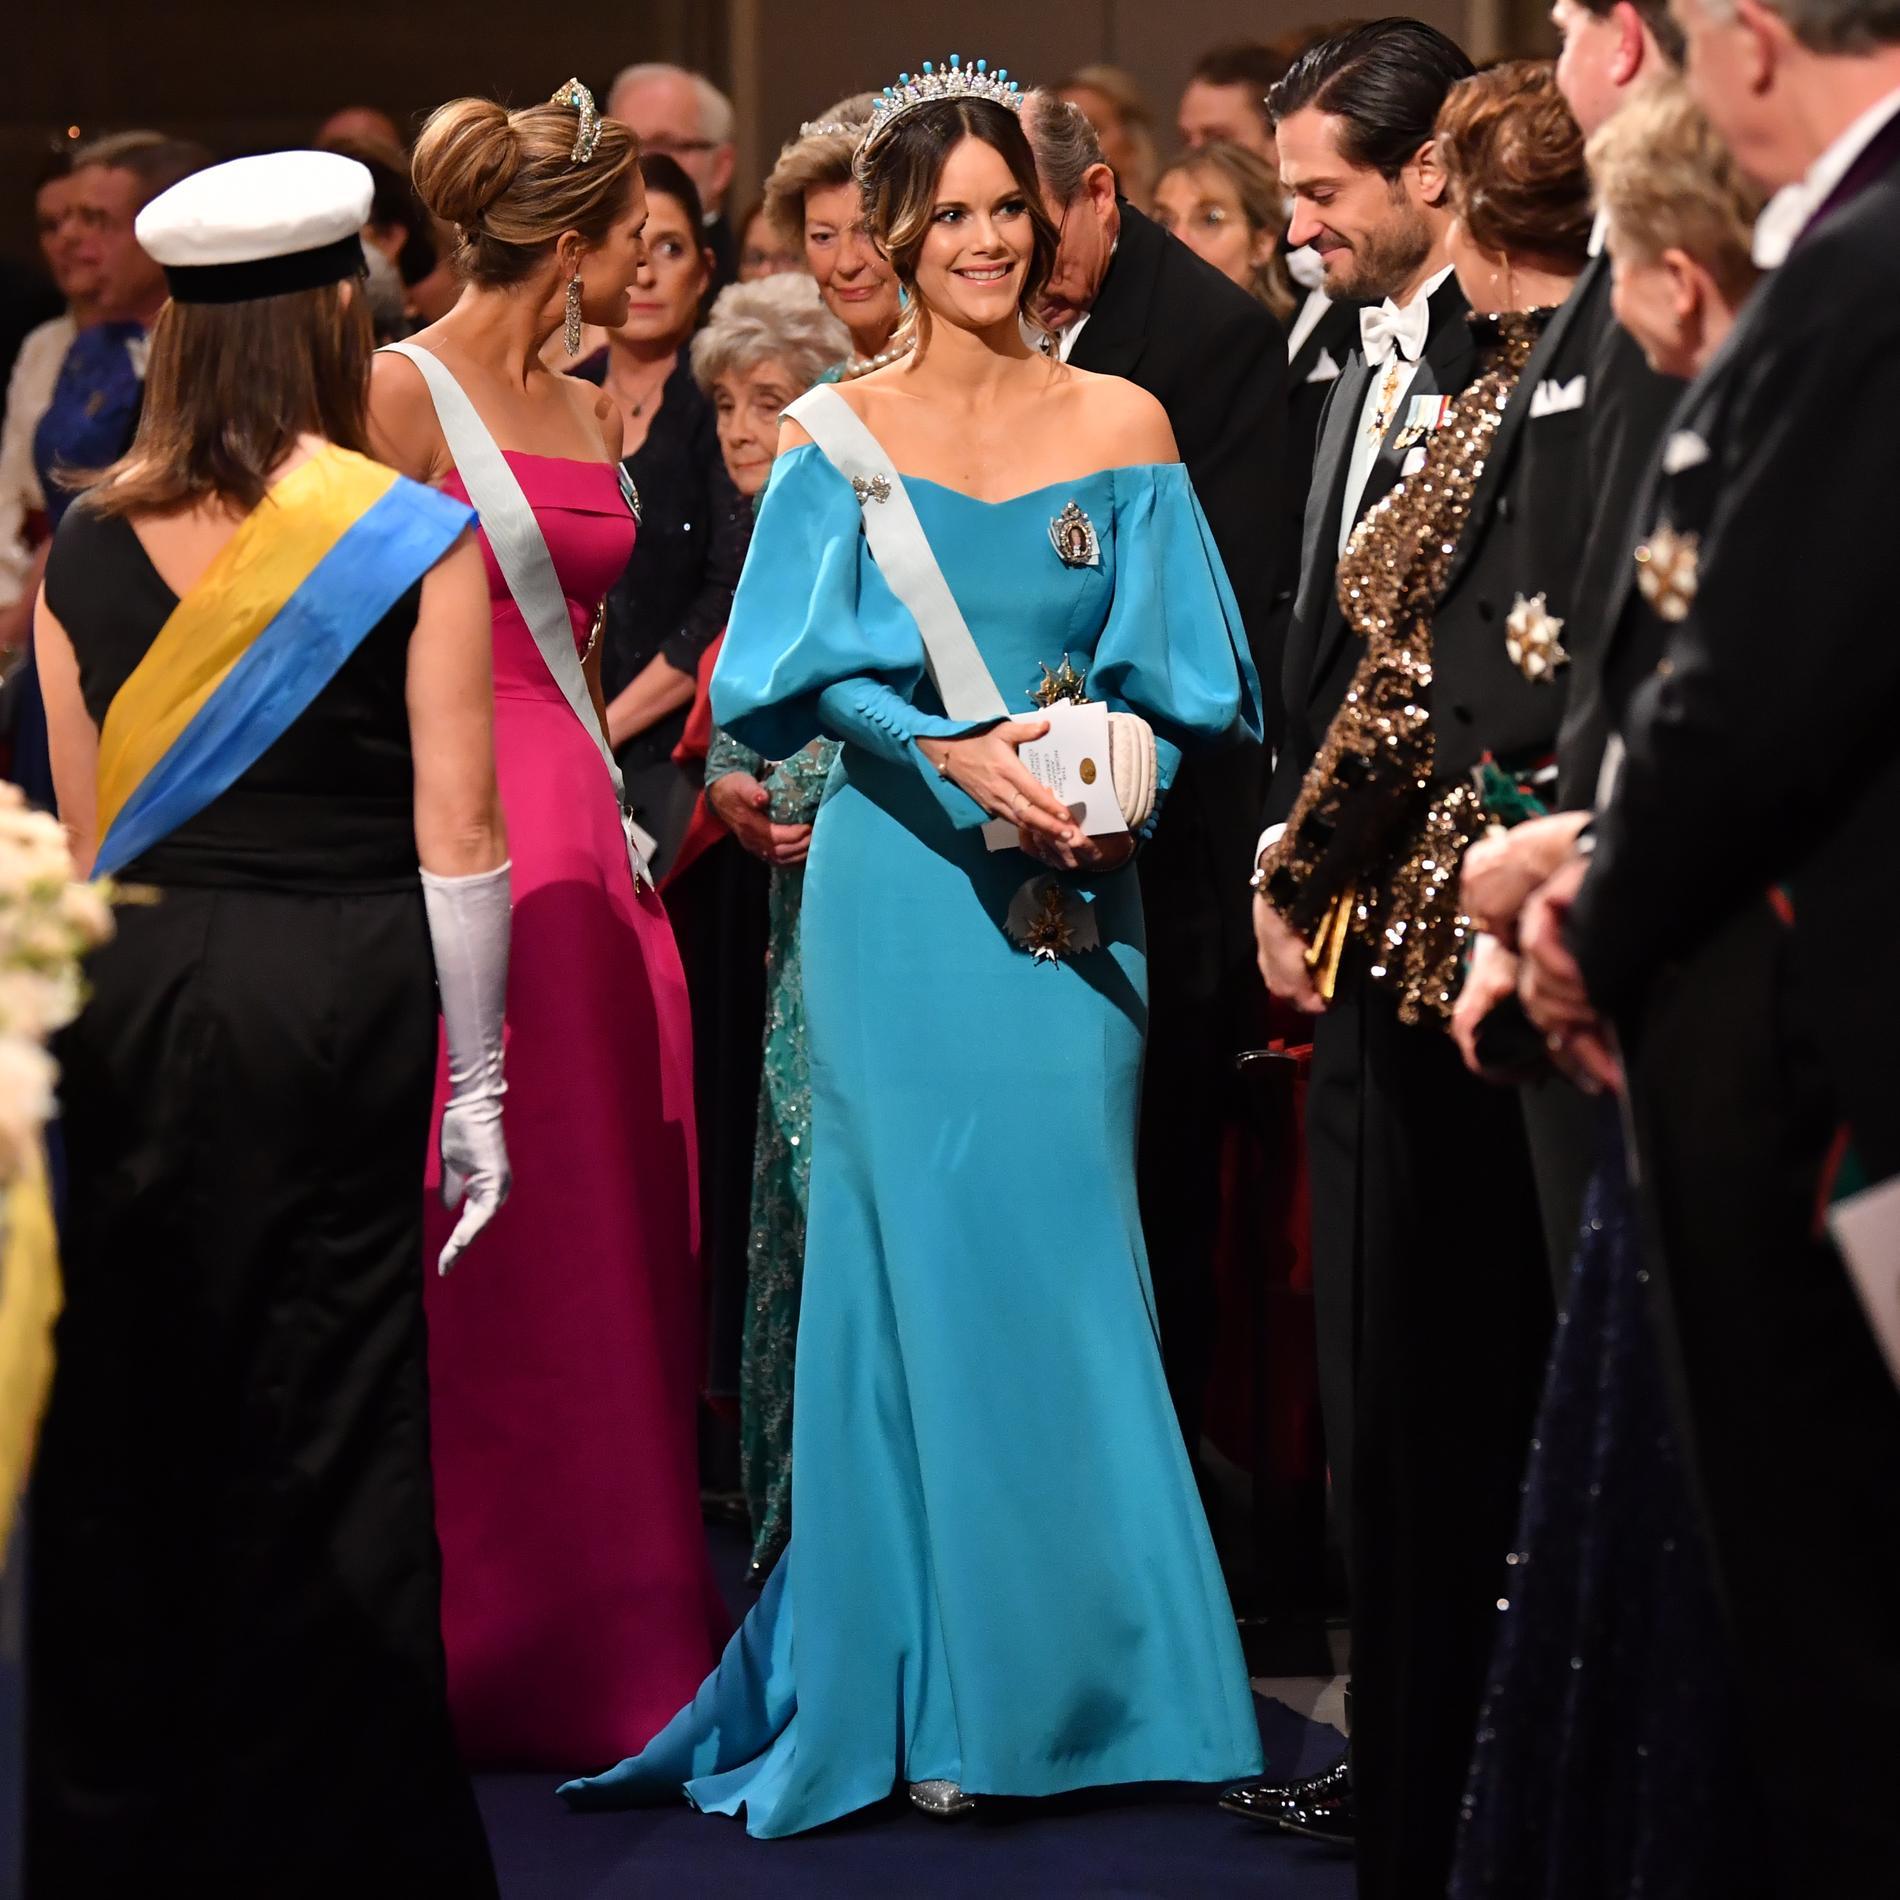 2019. Prinsessan Sofia tågade in i Konserthallen i en turkos klänning i italiensk sidencrepe av den svenska designern Emelie Janrell.